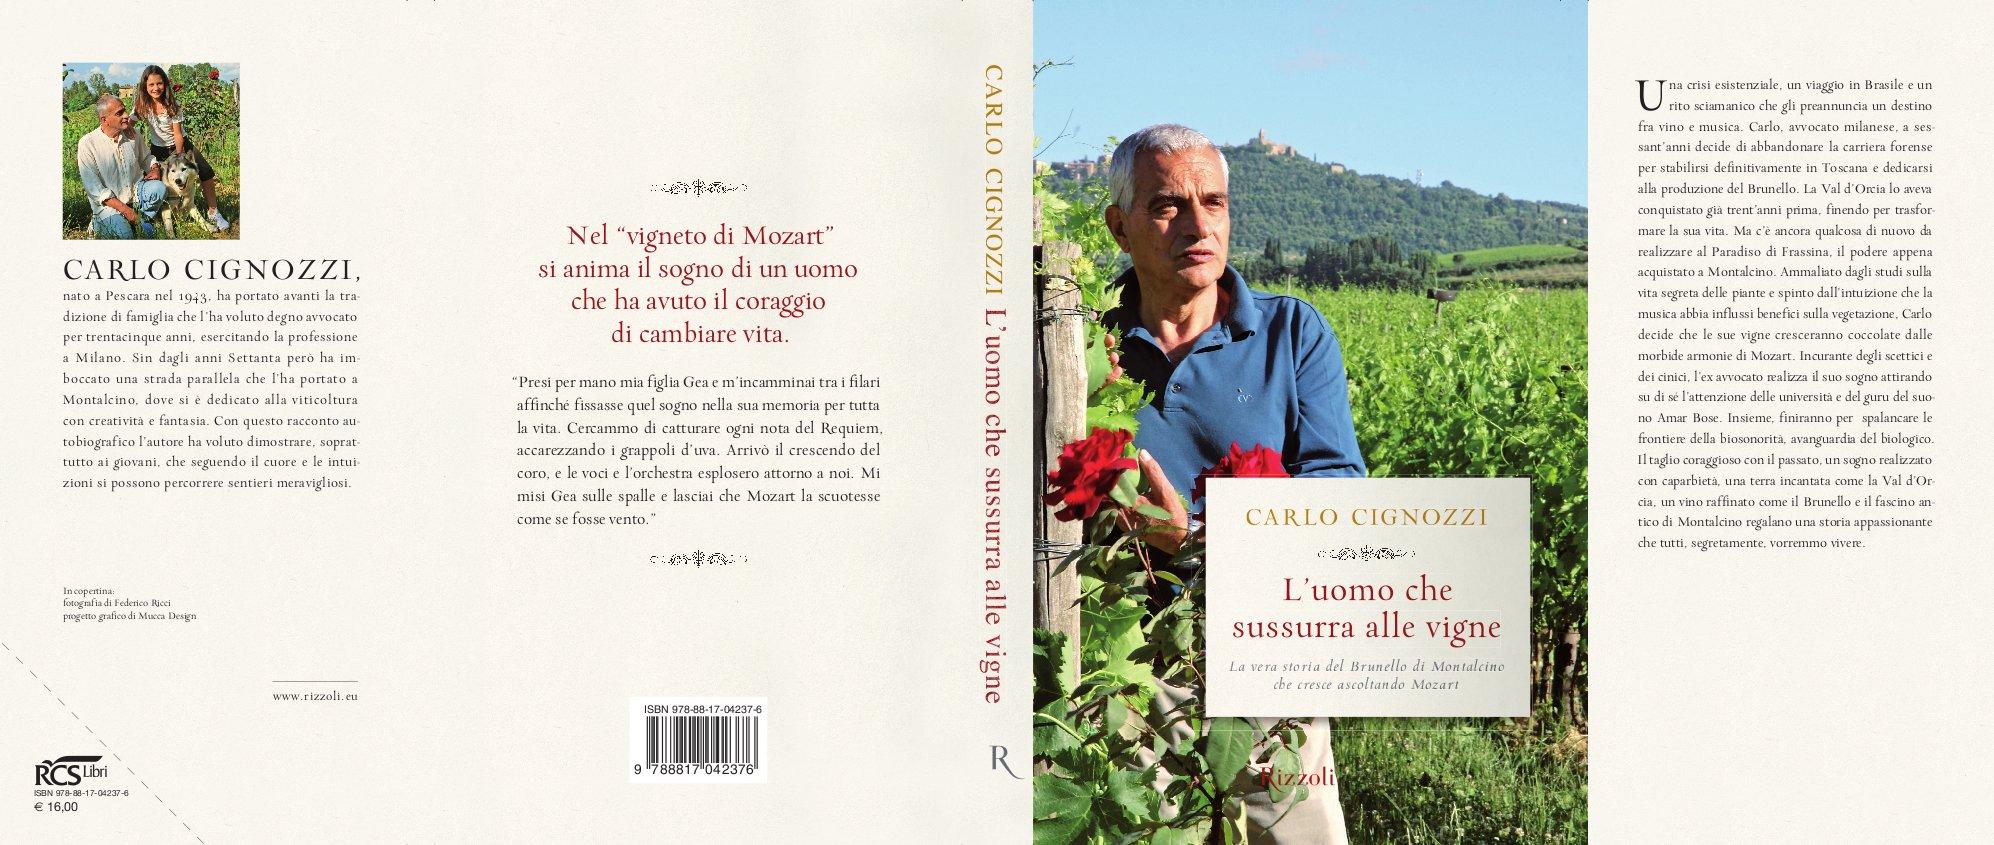 Cover - Uomo che sussurra alla vigne